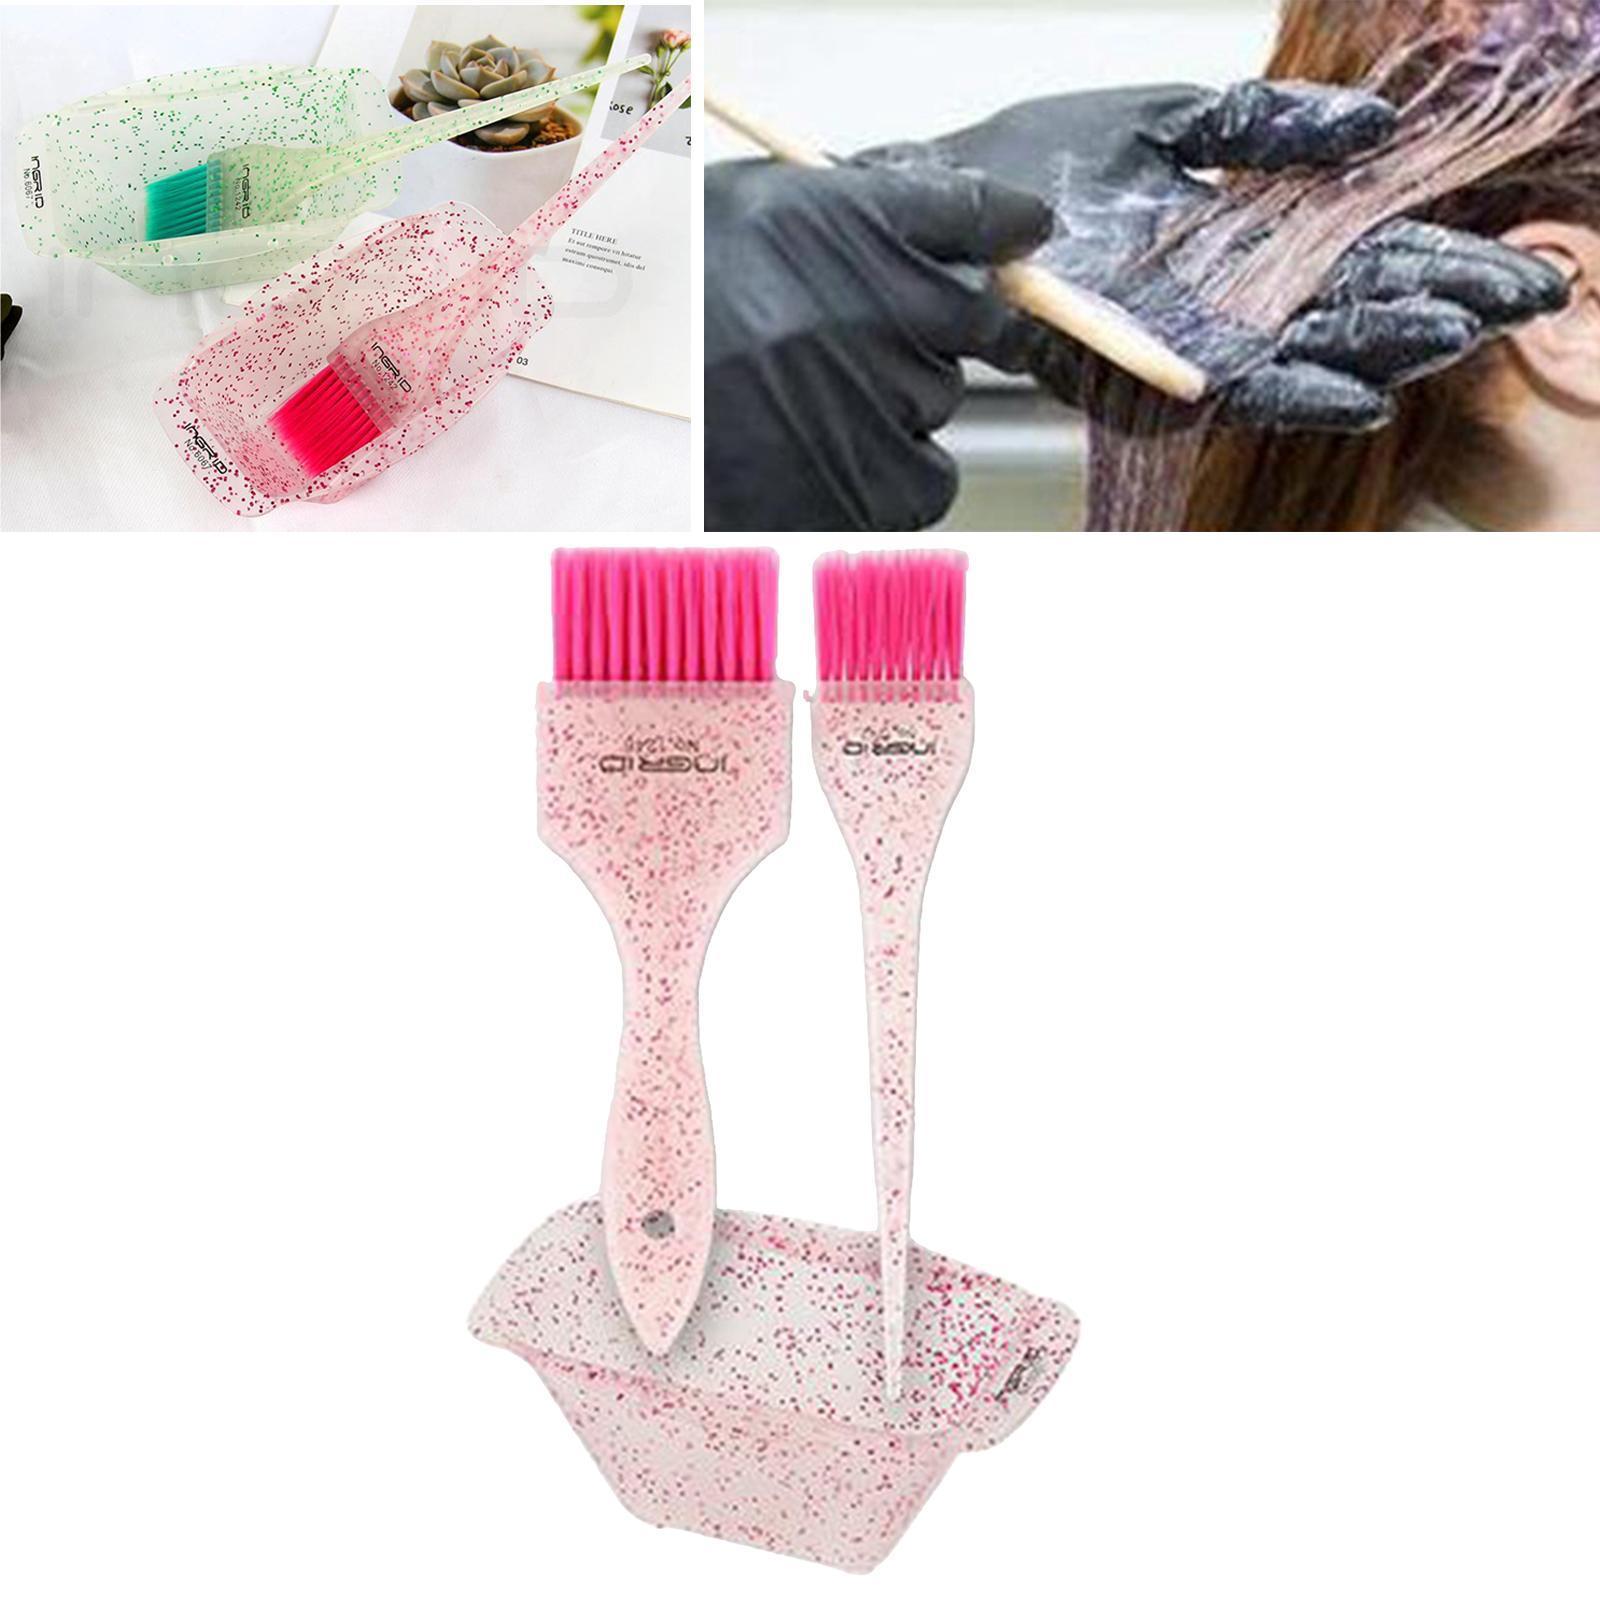 miniature 6 - Kit de teinture pour cheveux 3 pièces en plastique bol de coloration des